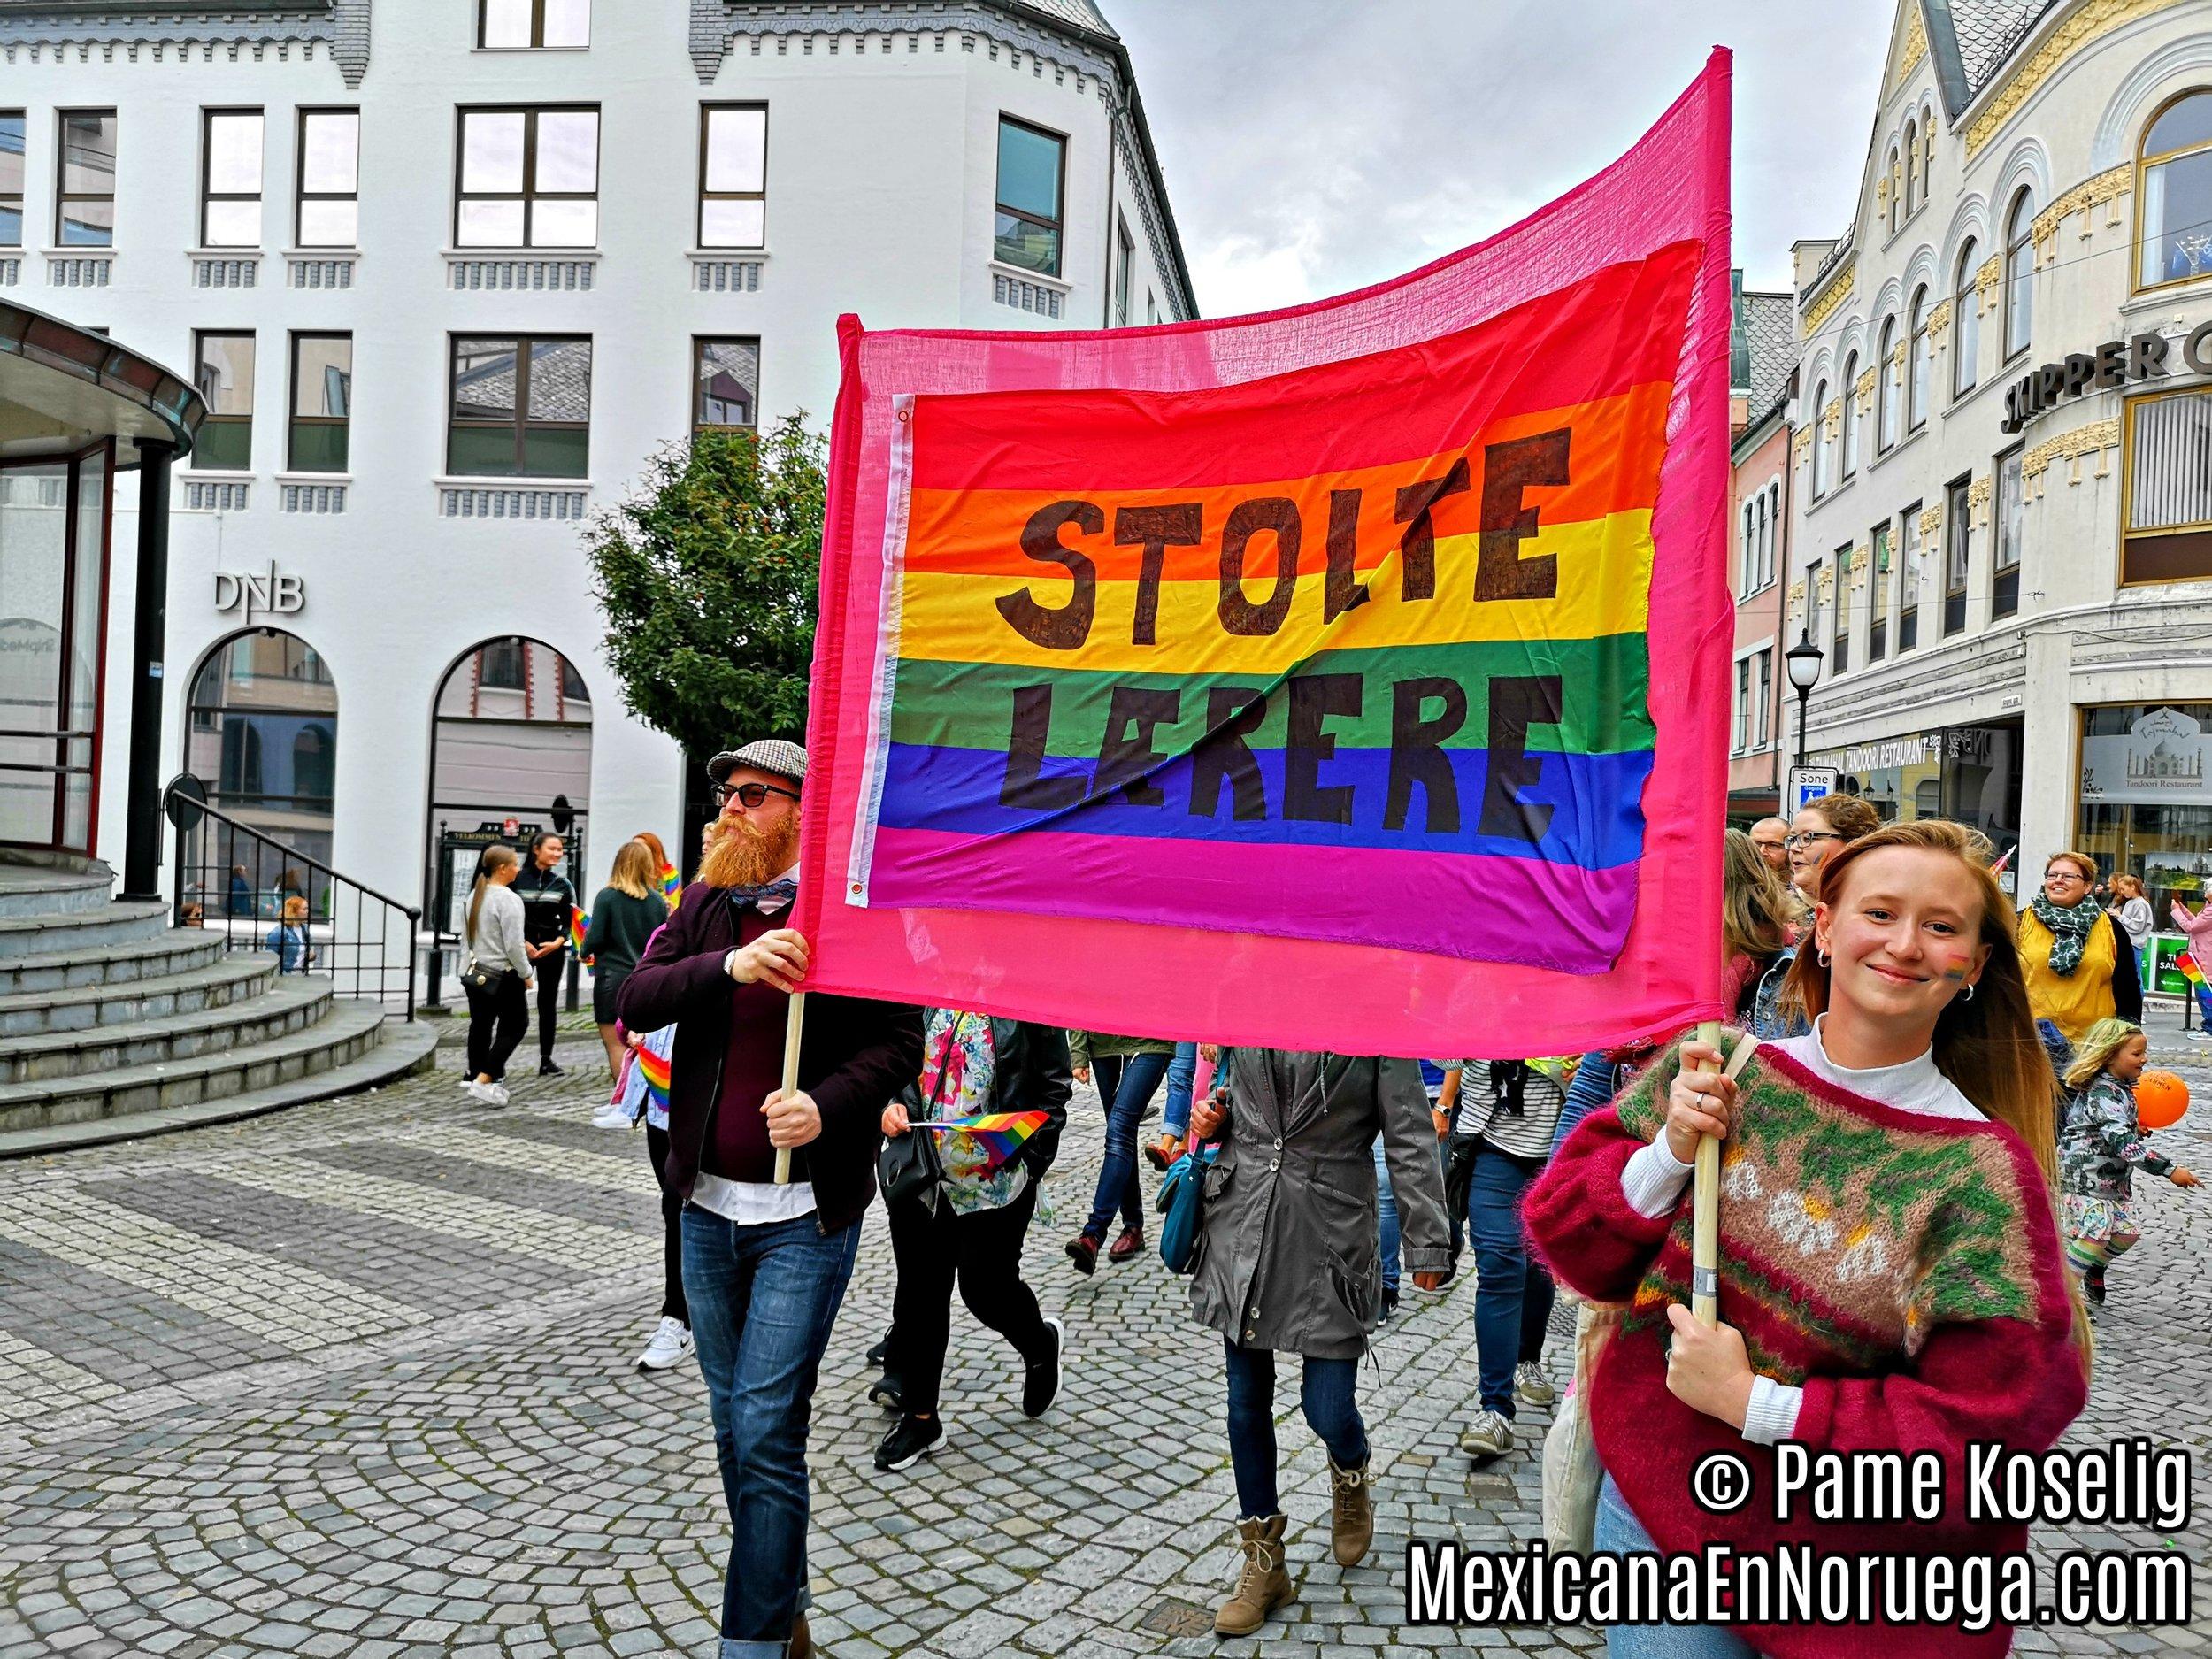 6 _ Stolte Lærere _ Maestros Orgullosos _ Pame Koselig _ Mexicana en Noruega.jpg